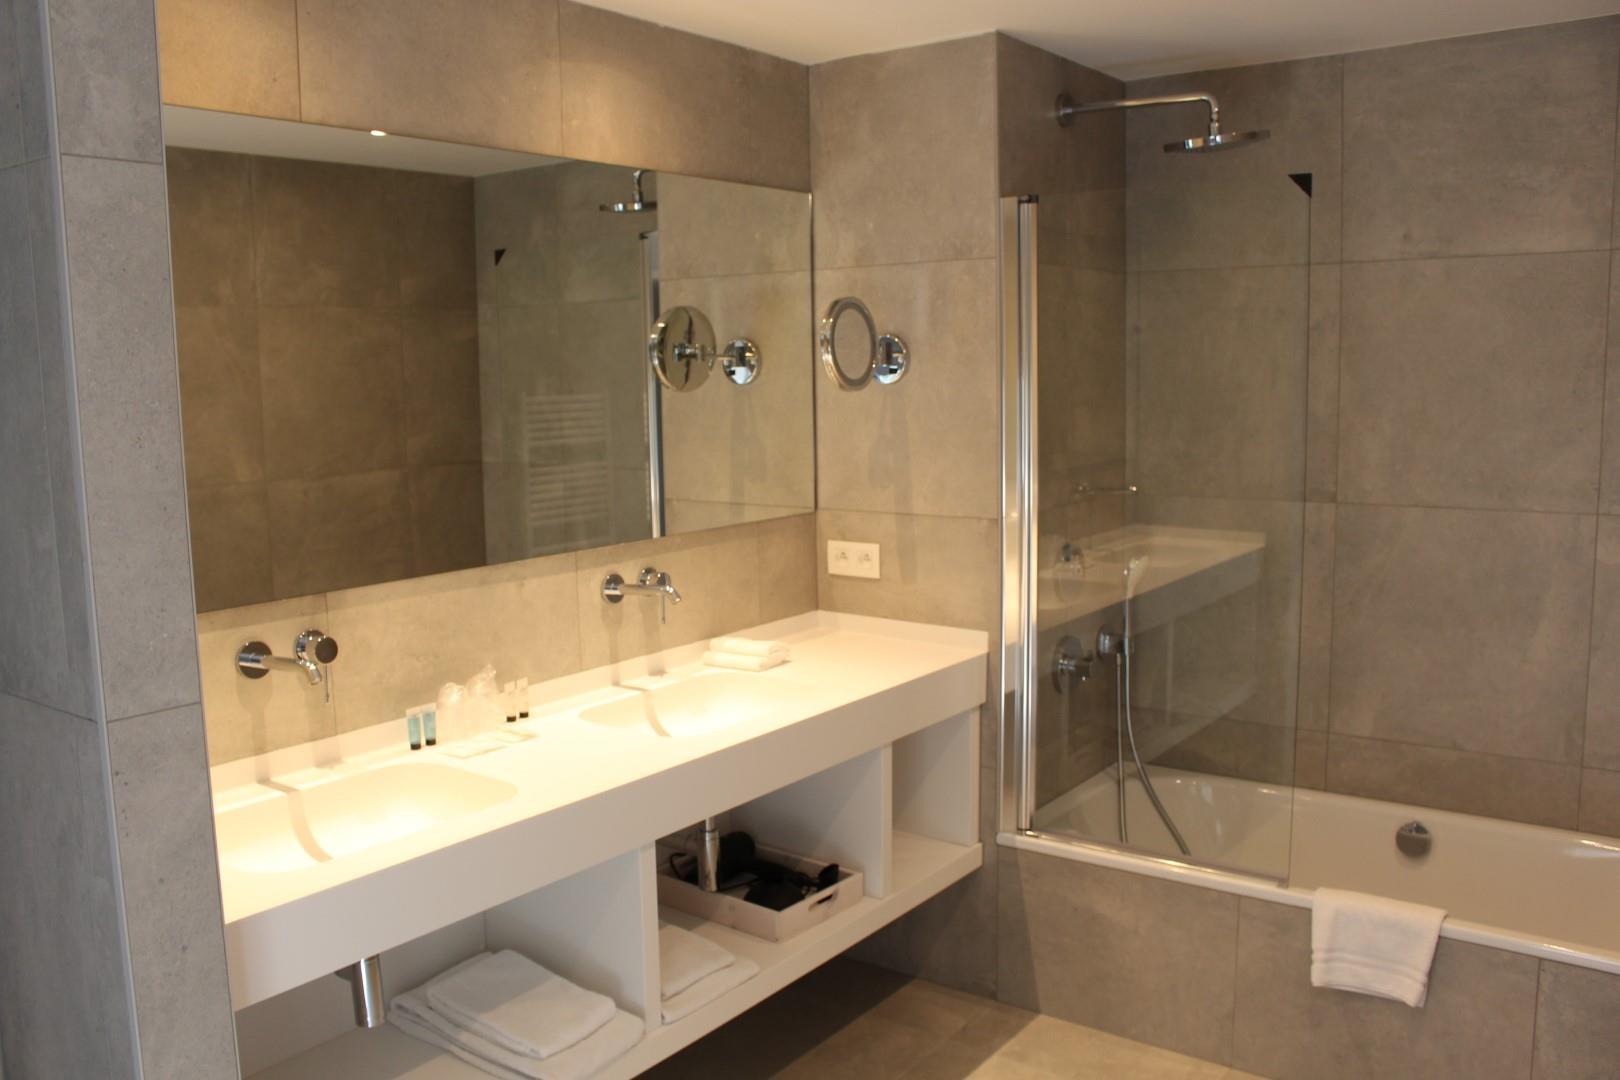 badkamer-junior-groot.JPG